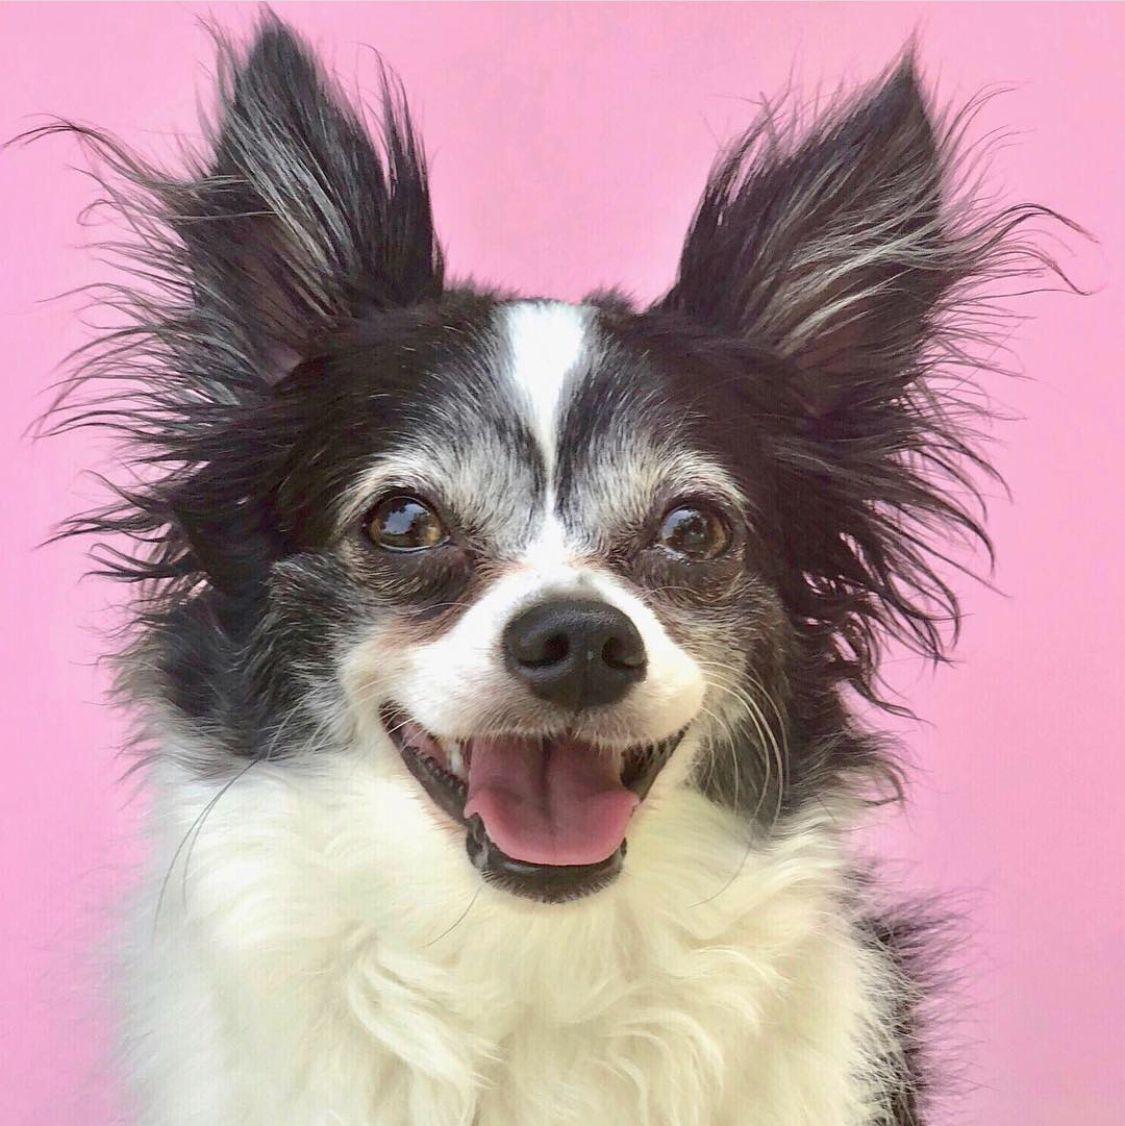 R O M A N T I C V I O L E T R O S E Thepuppiesdubai Fugucherie Happy Dogs Adoption Photos Dog Photos